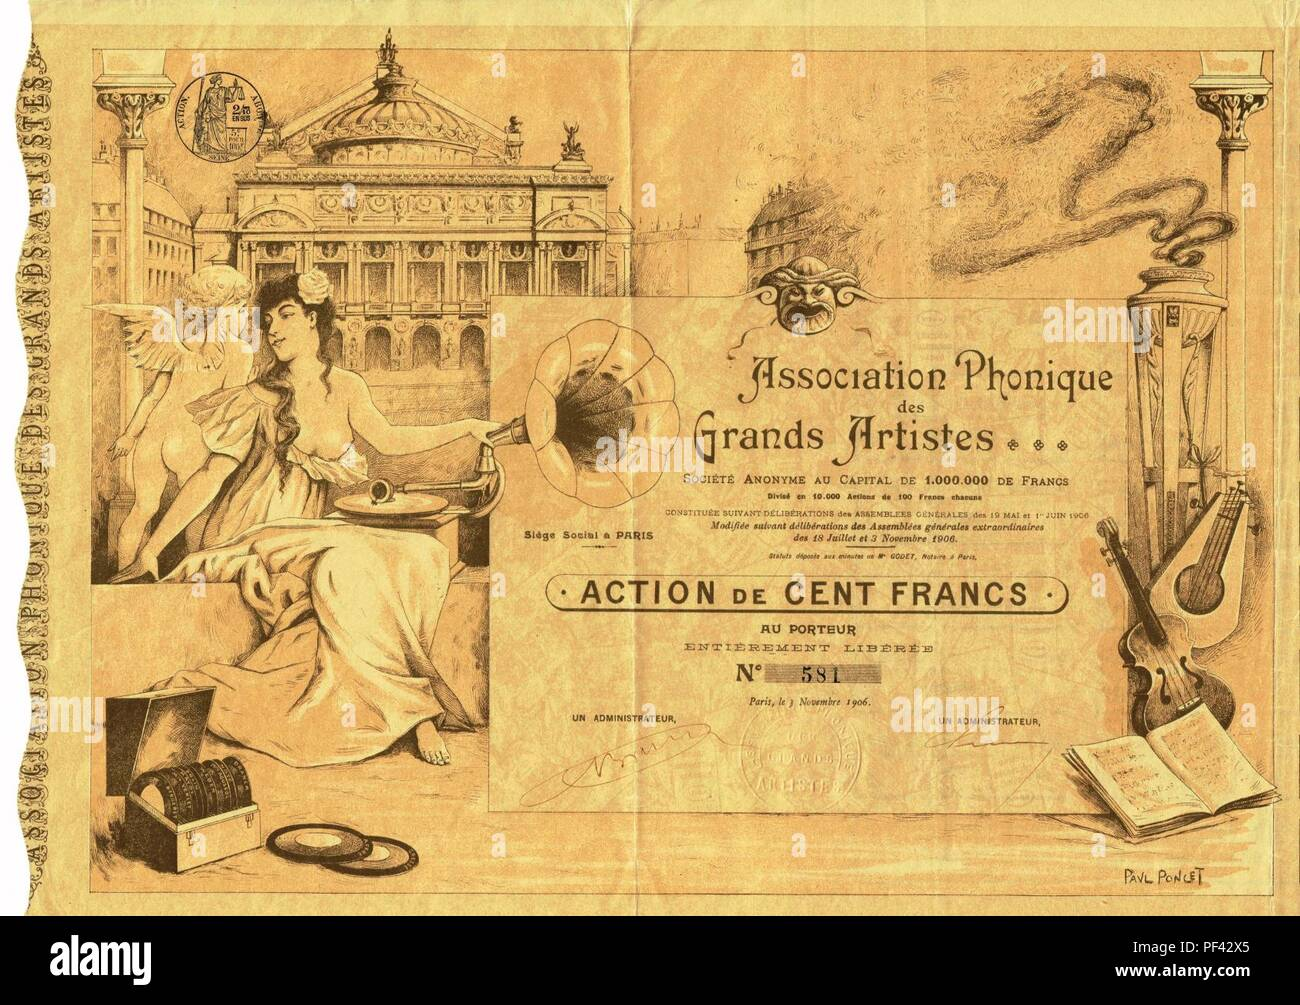 Association Phonique des Grands Artistes 1906. - Stock Image